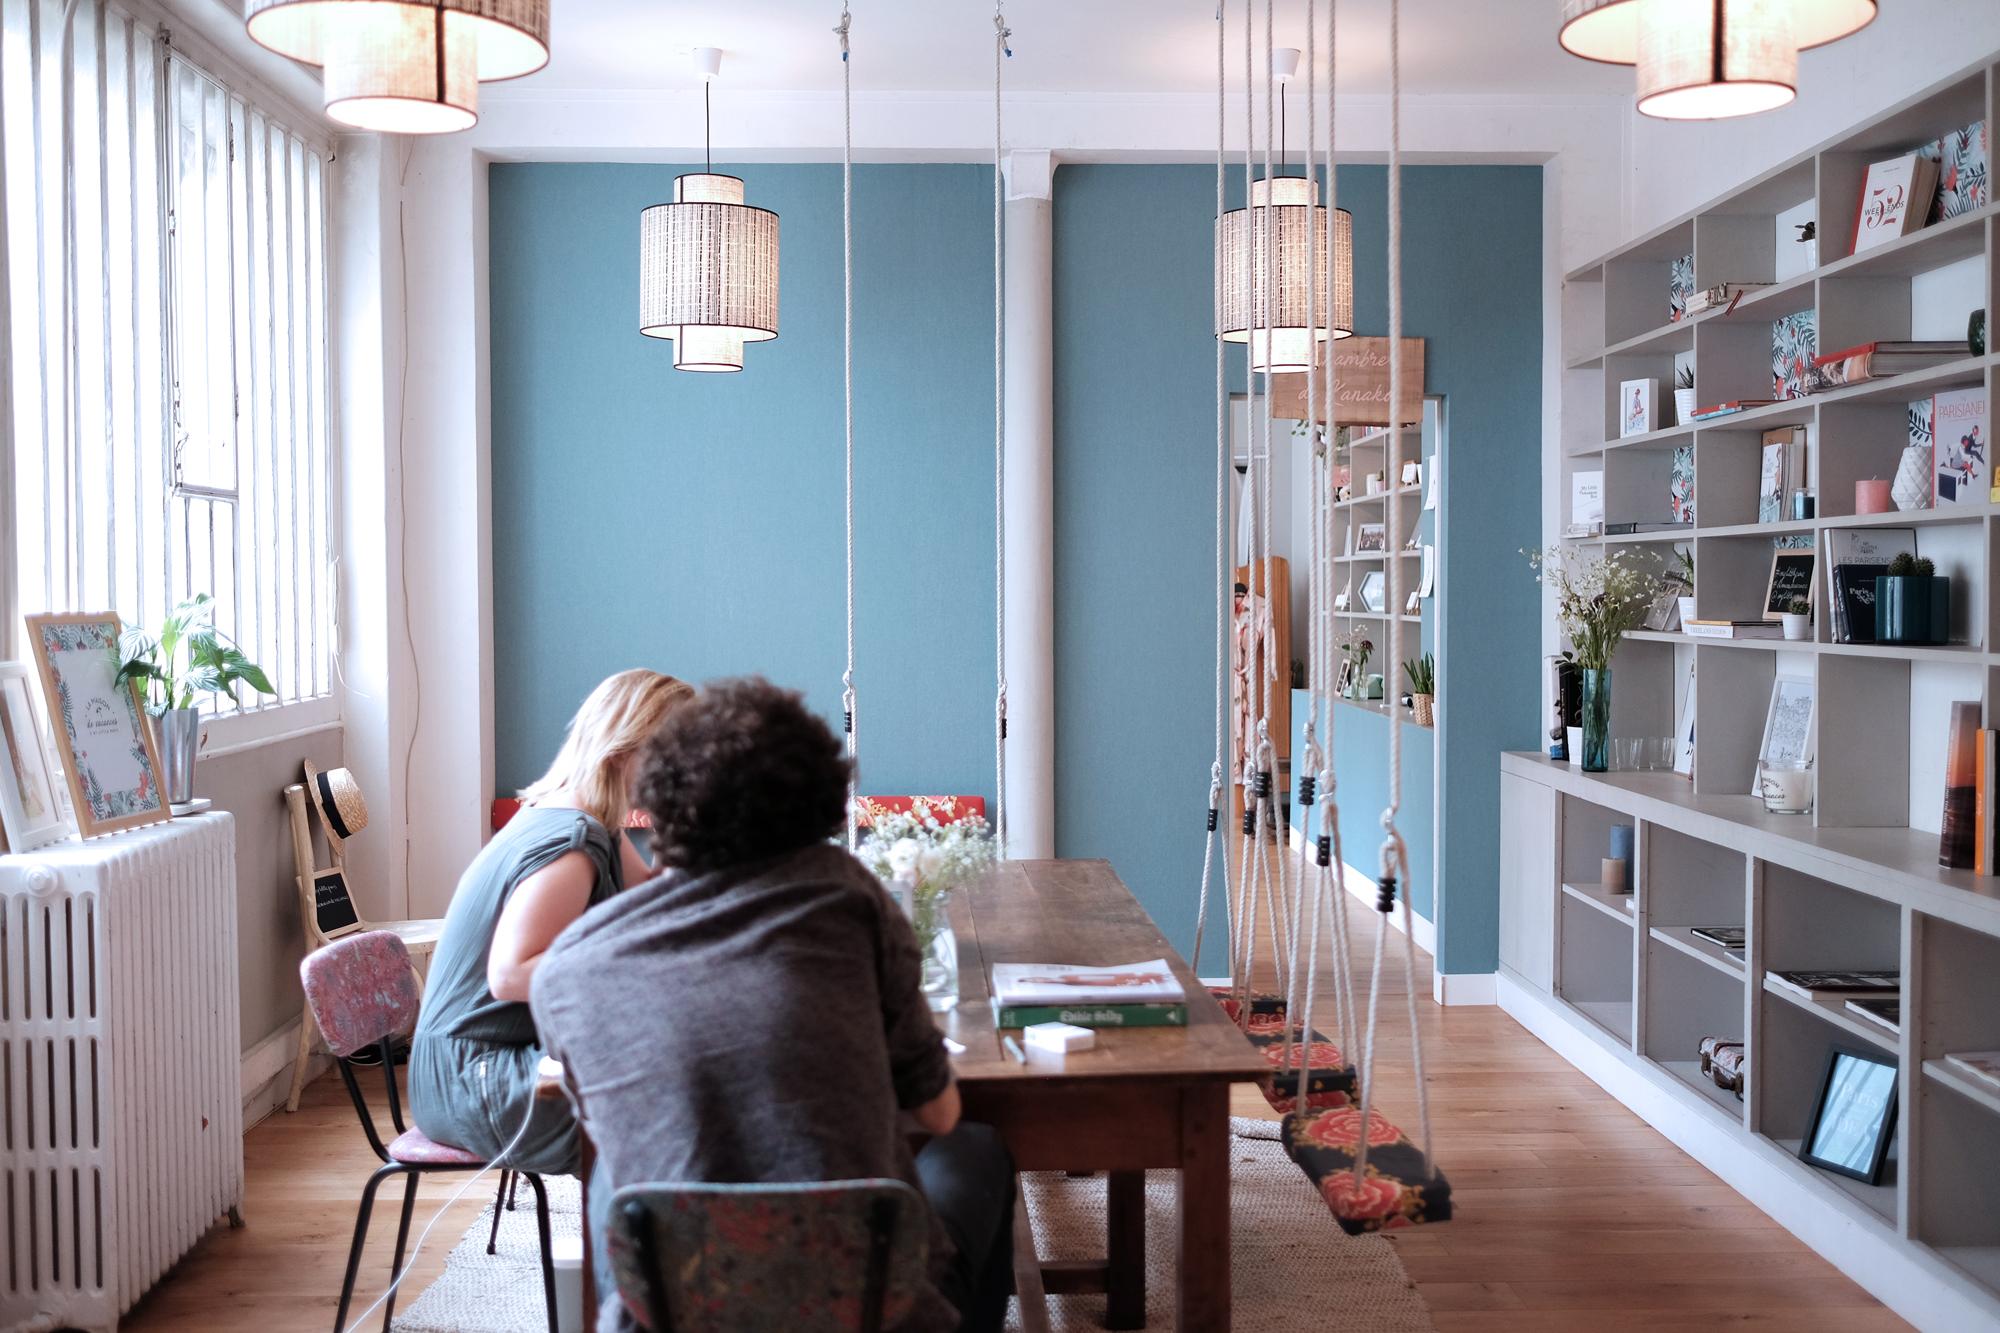 la maison de vacances de my little paris deedee. Black Bedroom Furniture Sets. Home Design Ideas